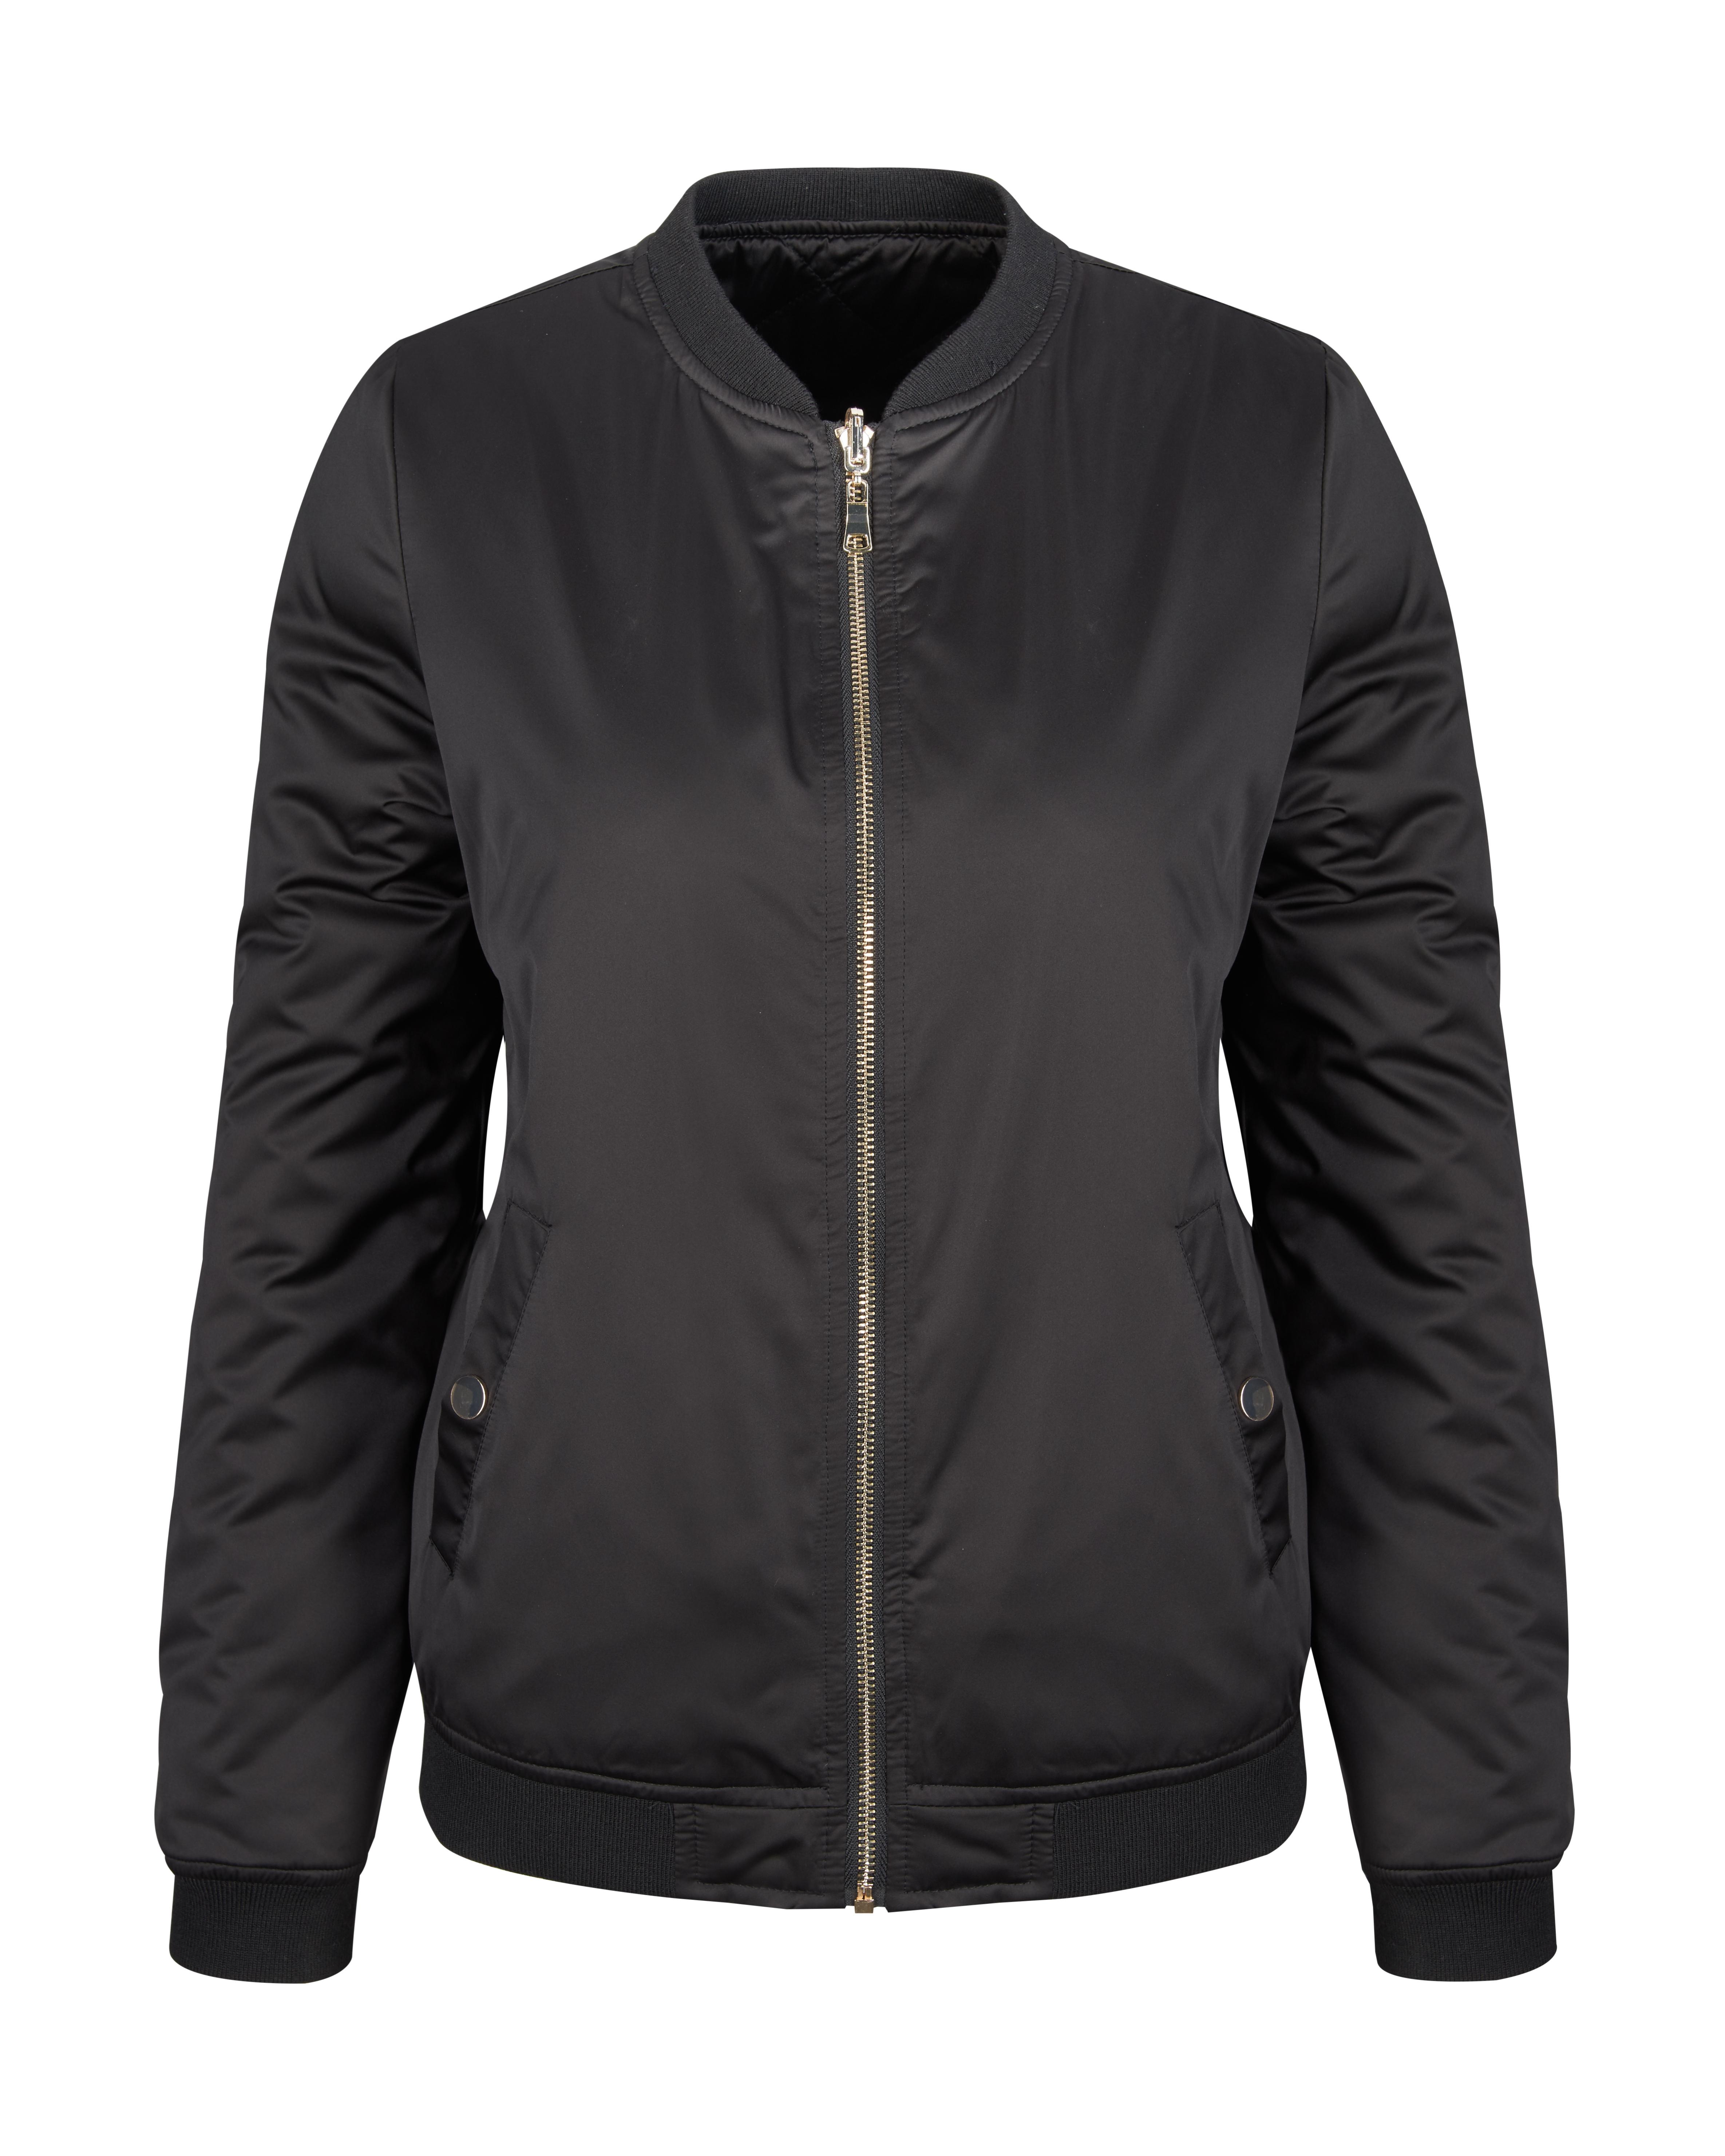 Custom made jackets (57)